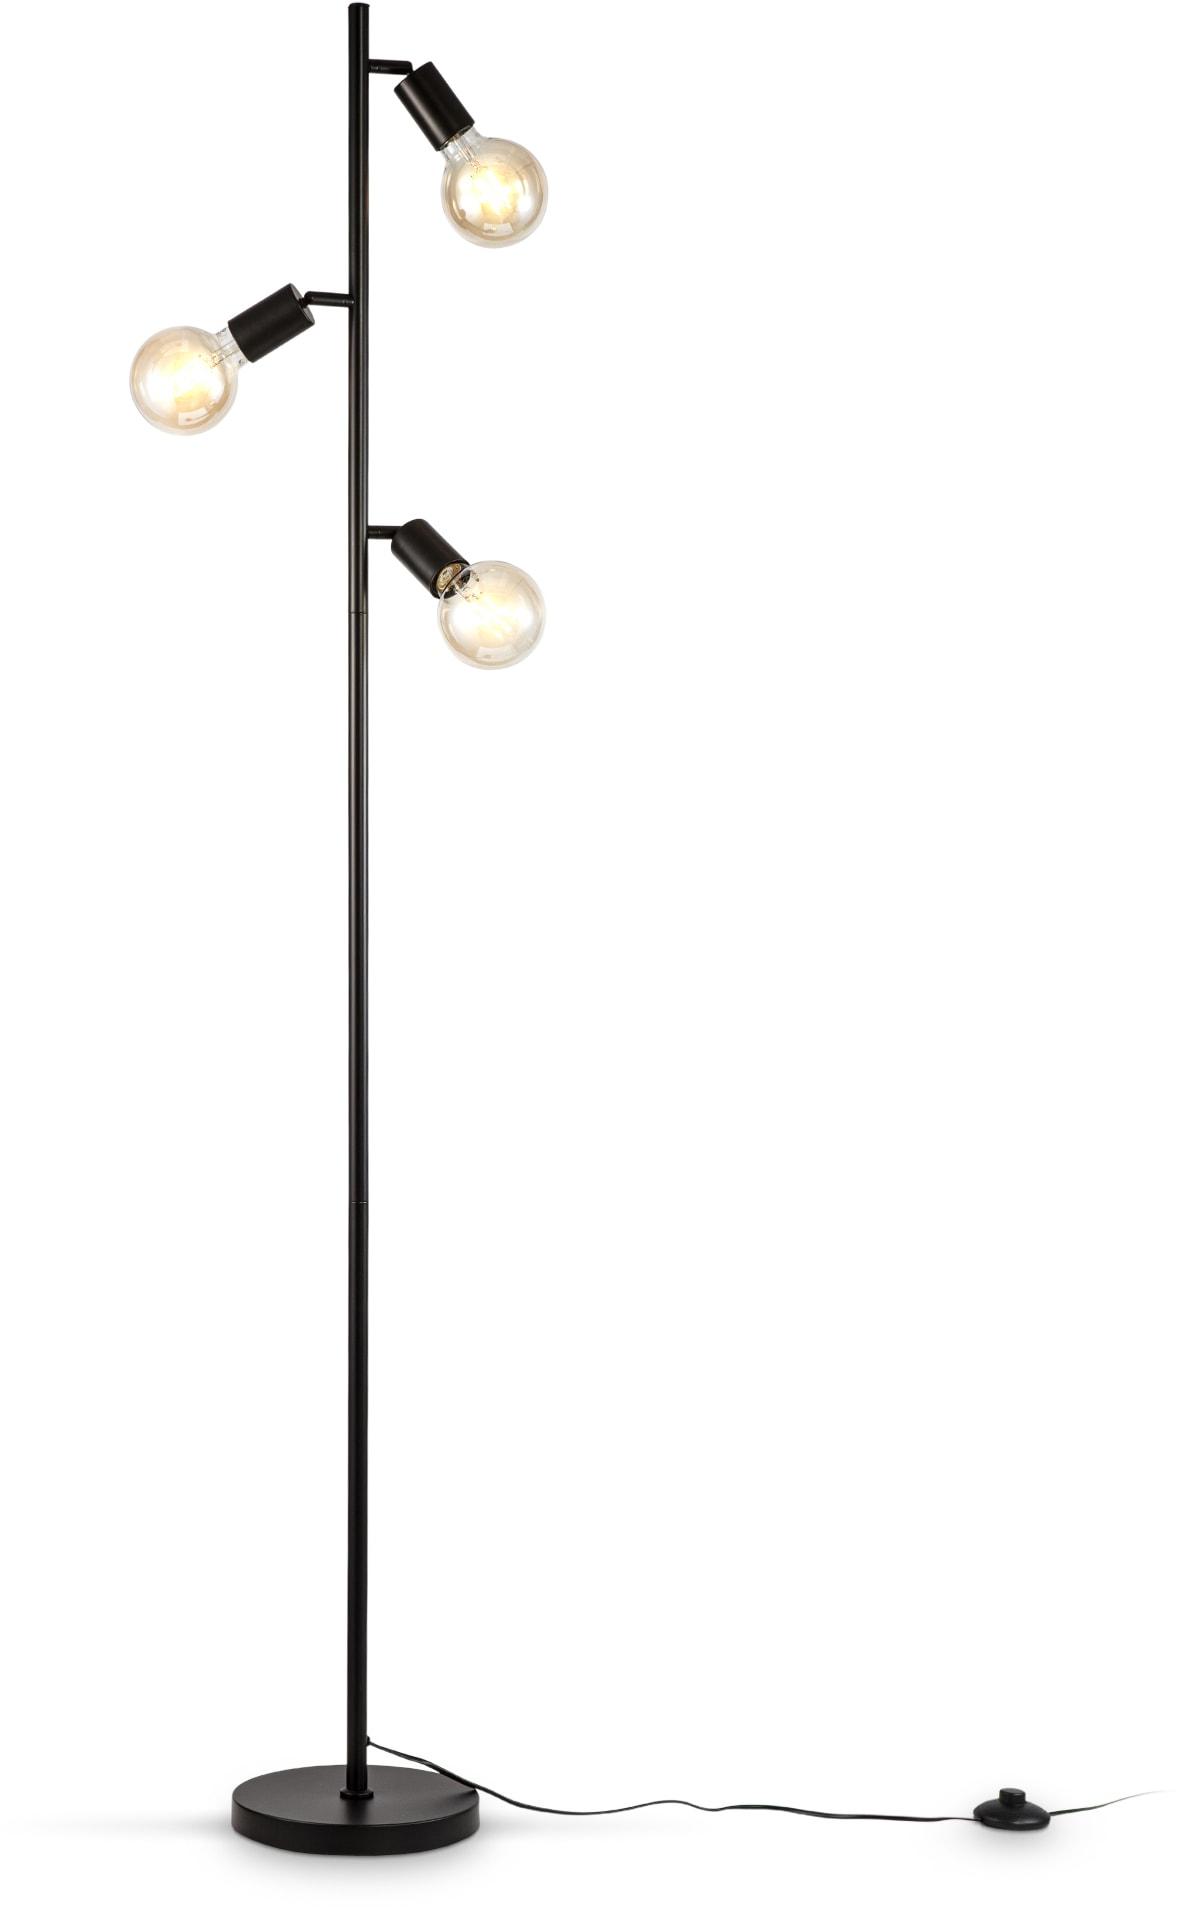 B.K.Licht Stehlampe, E27, 1 St., Stehleuchte 3-flammig, E27, Schwenkbar, Retro, Fußschalter, Metall, ohne Leuchtmittel